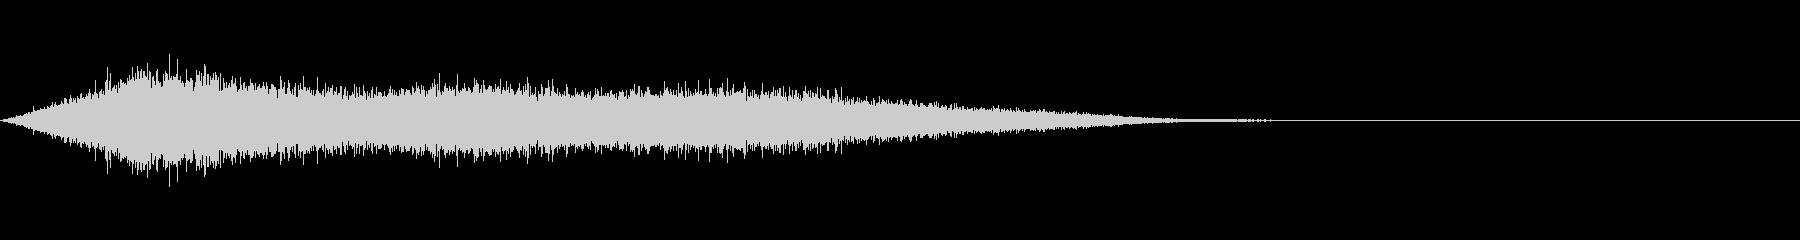 ワァーキャー!コンサートやライブの歓声2の未再生の波形